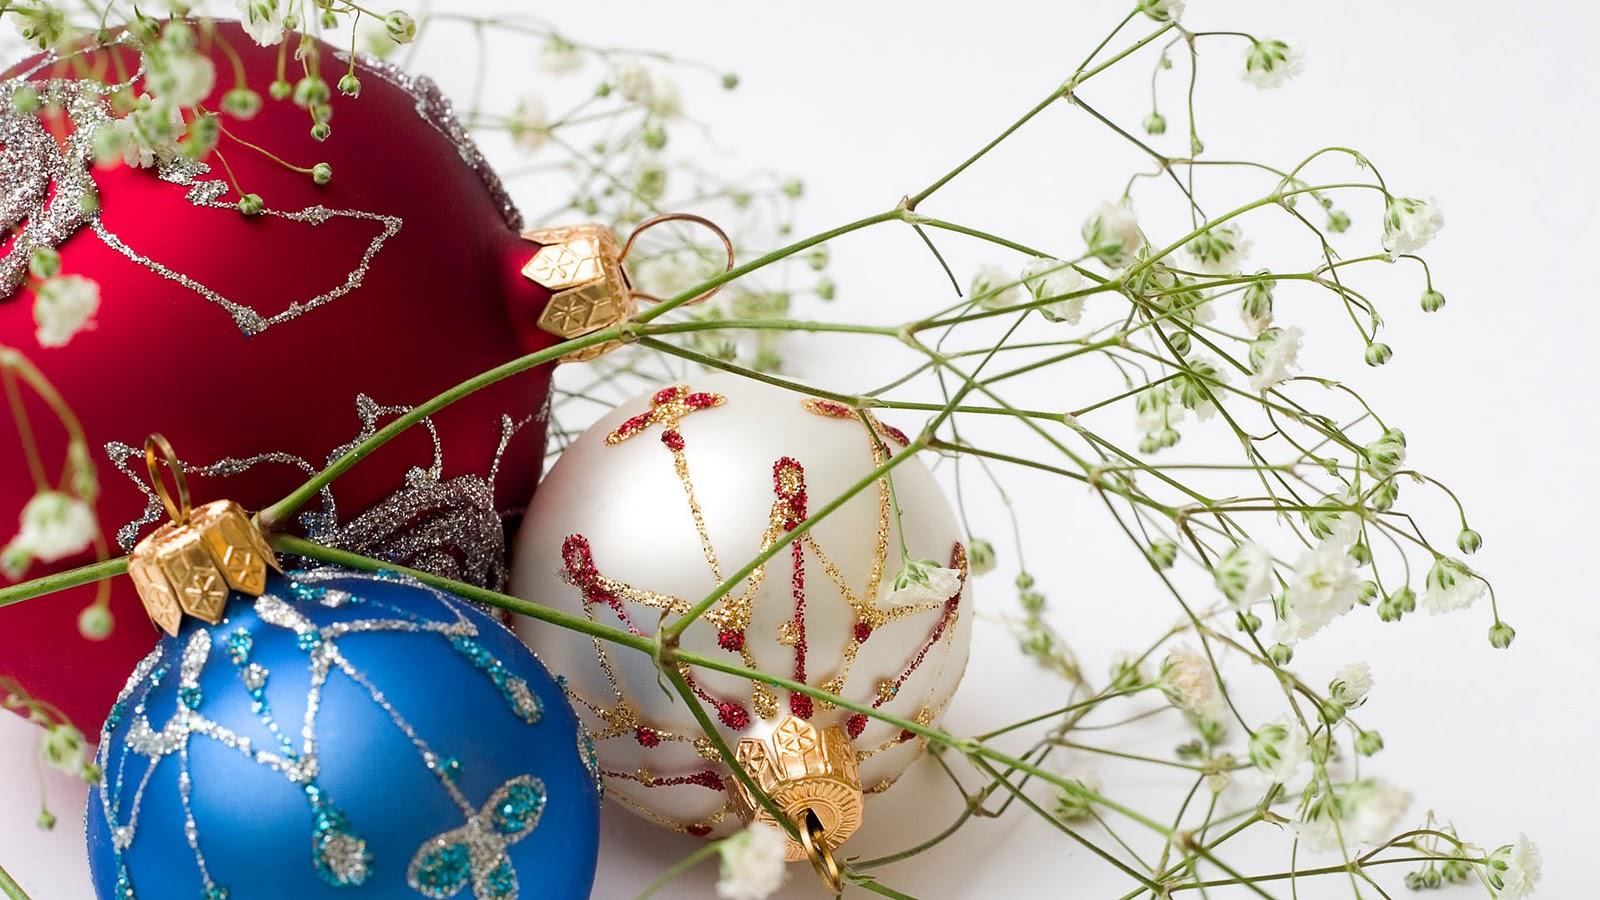 Mooie-kerstballen-achtergronden-leuke-hd-kerstballen-wallpapers-afbeelding-foto-2.jpg (1600×900)